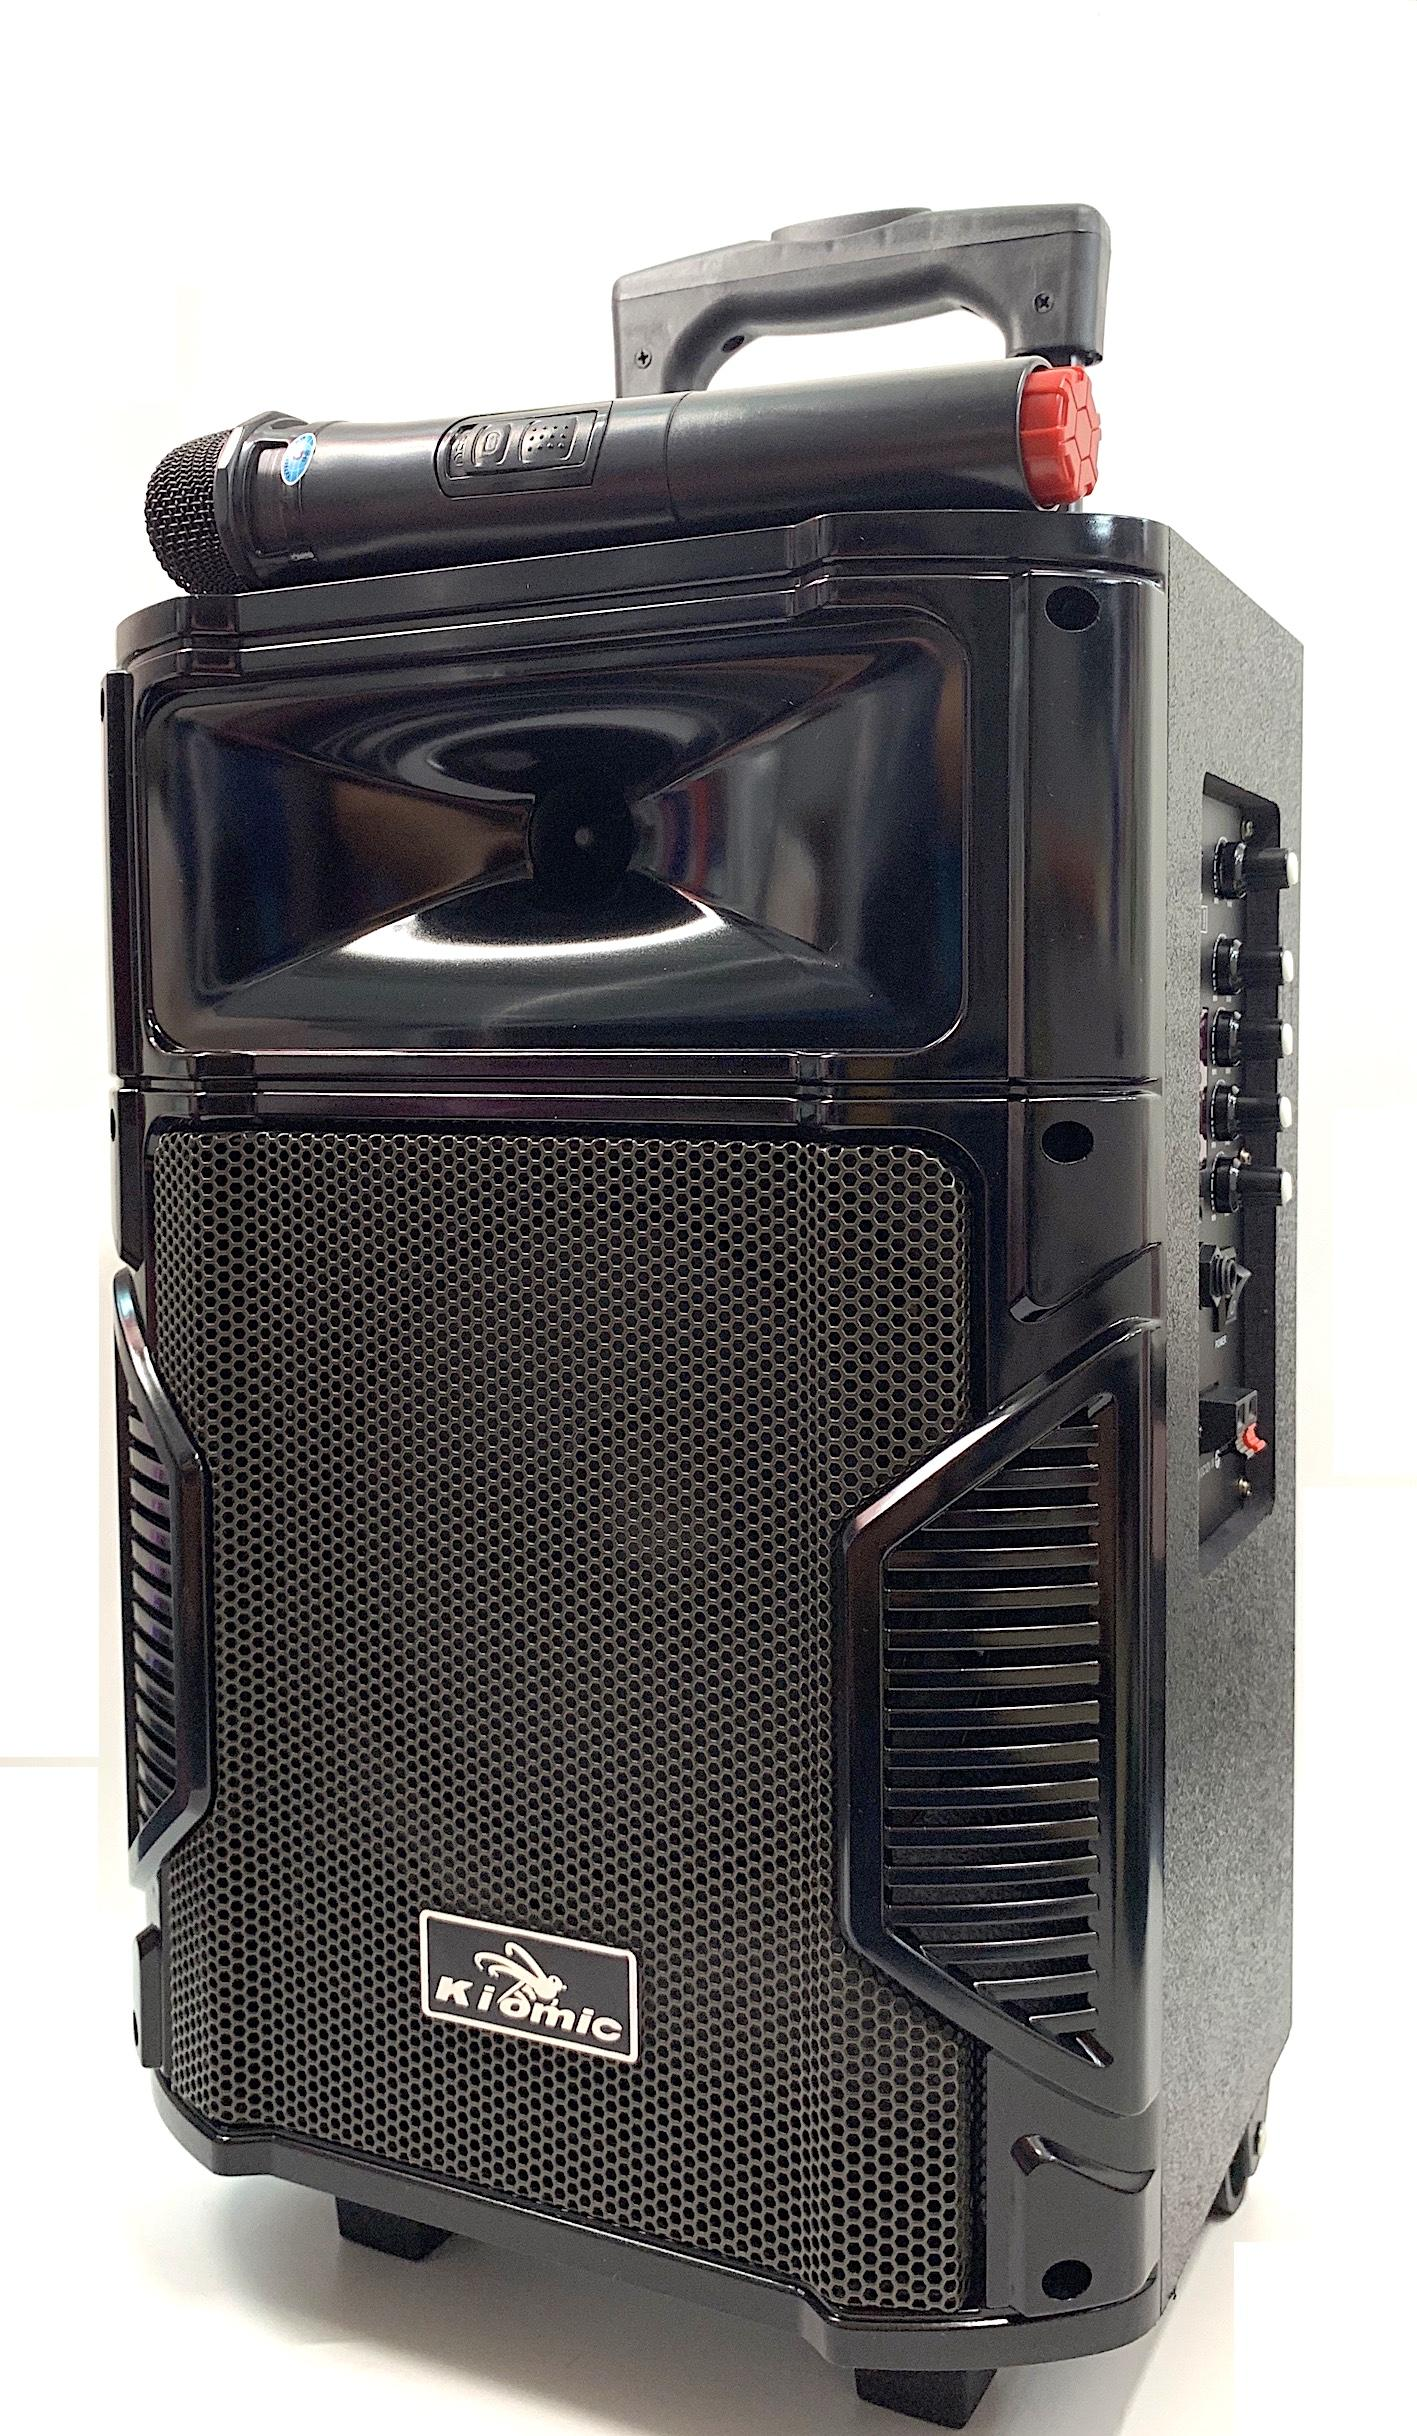 Loa Karaoke Bluetooth Di Động Vali Kéo Kiomic K108 Thùng Gỗ (Tặng Kèm 1 Micro Không Dây Hát Cực Hay)